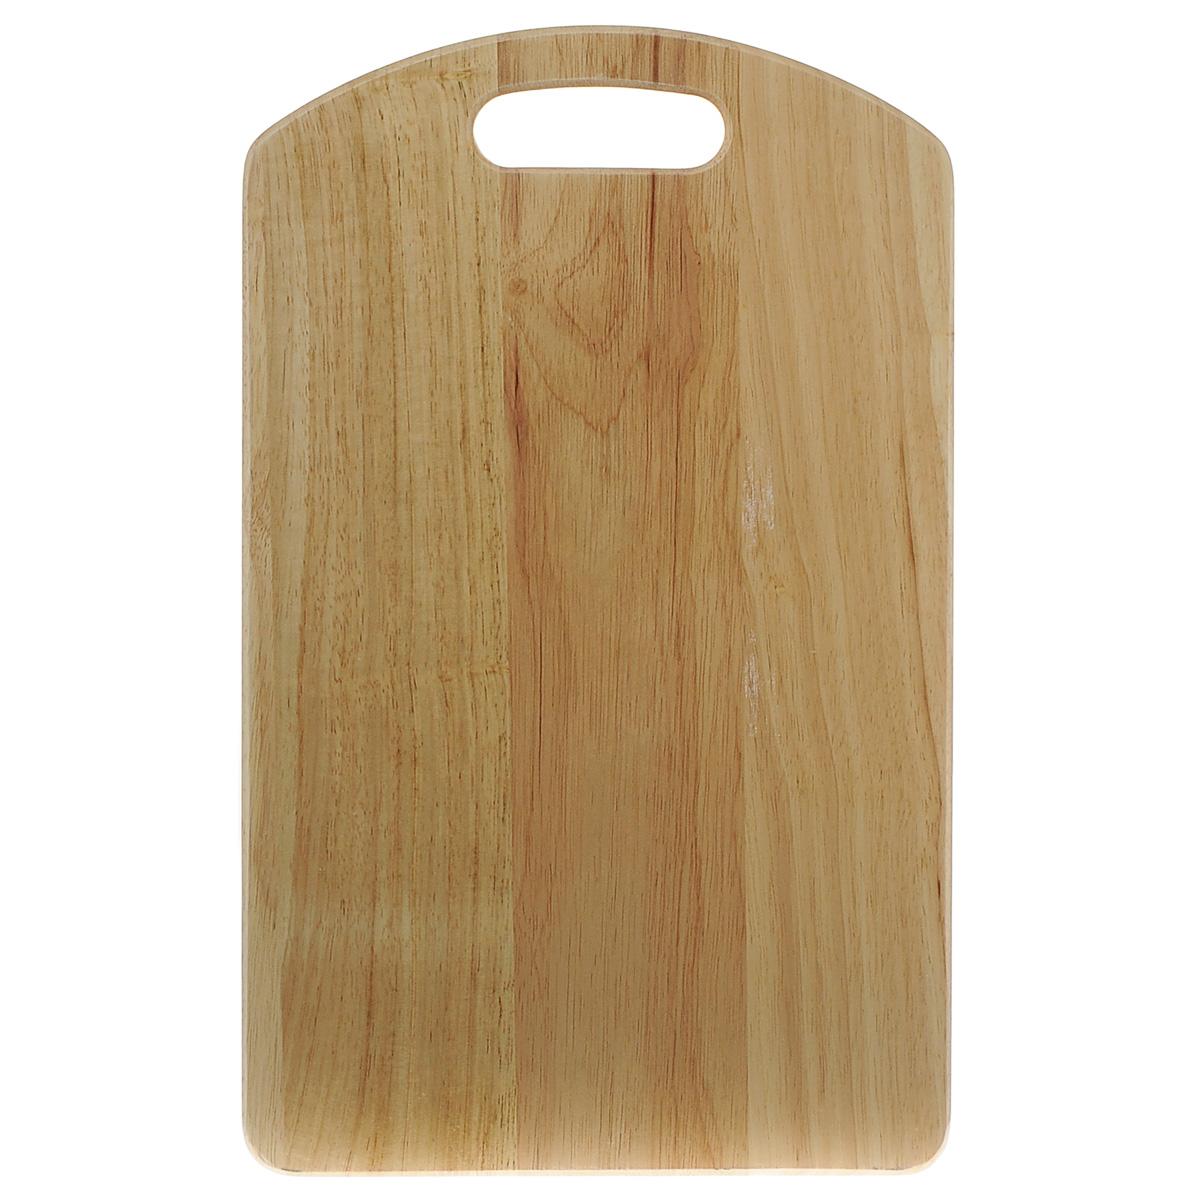 Доска разделочная Green Way, 45 см х 28 см9/742Разделочная доска Green Way изготовлена из натурального дерева. Прекрасно подходит для приготовления и сервировки пищи. Всем известно, что на кухне без разделочной доски не обойтись. Ведь во время приготовления пищи мы то и дело что-то режем. Поэтому разделочная доска должна быть изготовлена из прочного и экологически чистого материала, ведь с ней соприкасается наша пища. Доска оснащена специальным отверстием для подвешивания в любом удобном месте. Функциональная и простая в использовании, разделочная доска Green Way прекрасно впишется в интерьер любой кухни и прослужит вам долгие годы. Нельзя мыть в посудомоечной машине.